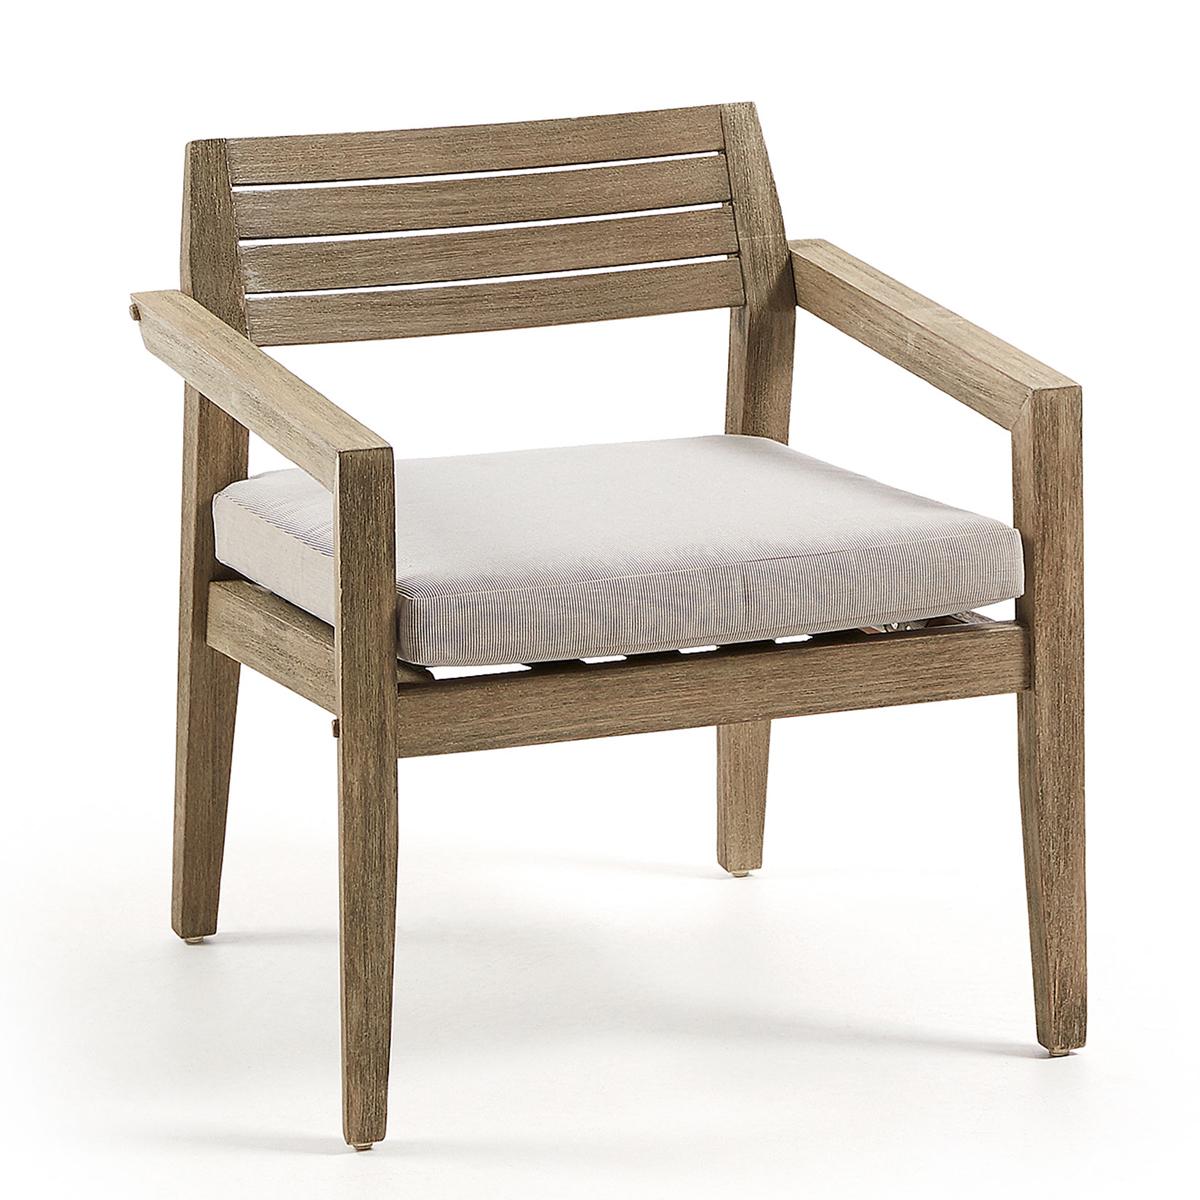 Fauteuil carré avec coussin en bois d' eucalyptus - Bois - H 75 x 69 cm